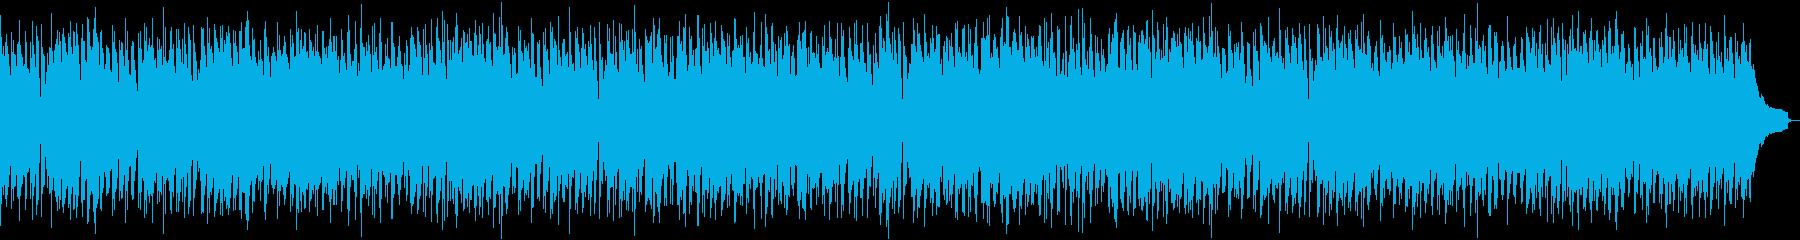 ボサノヴァ ジャズの再生済みの波形